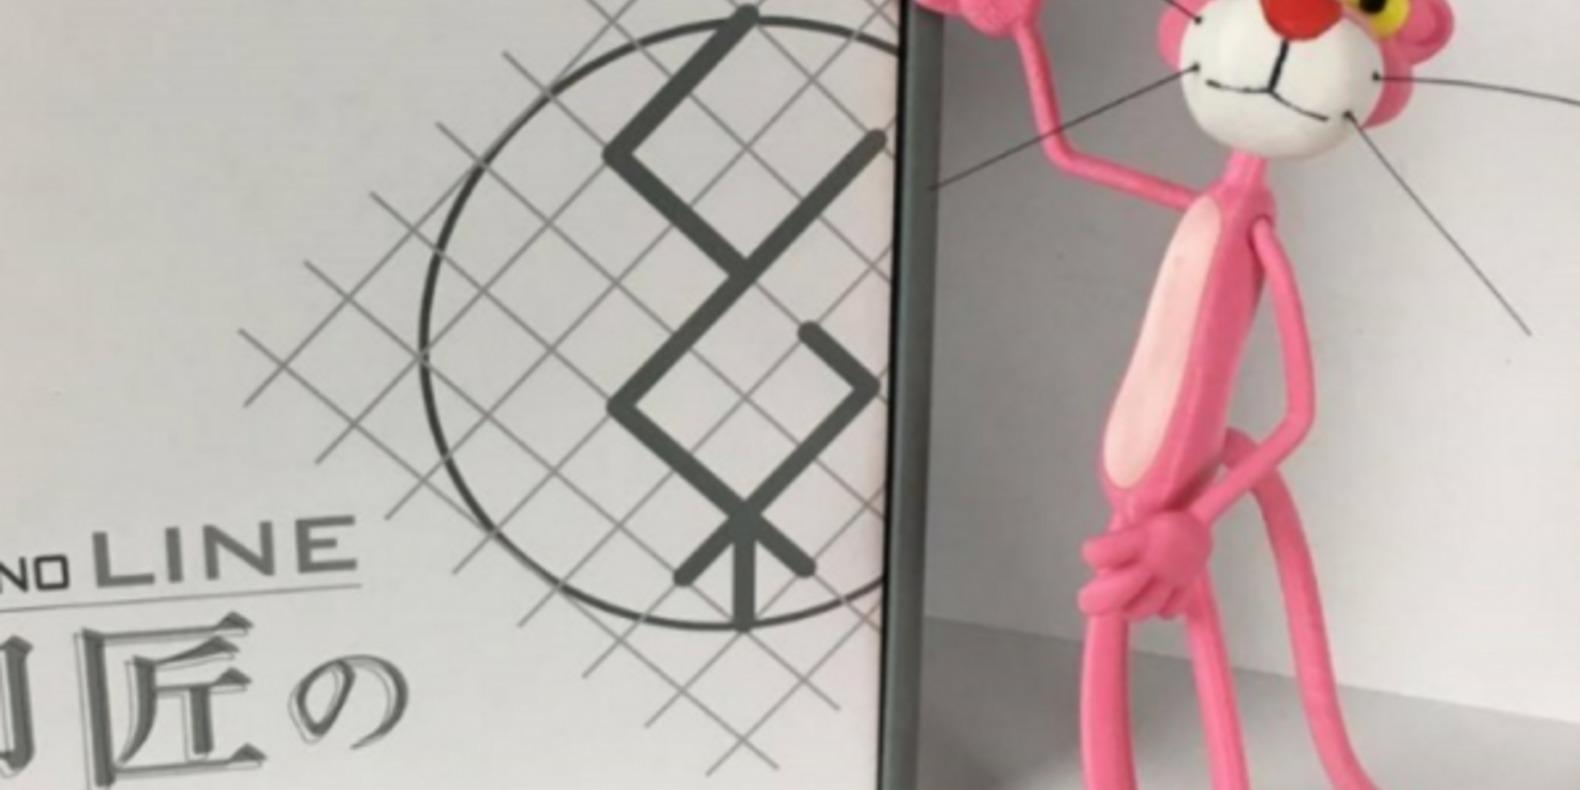 Panthère rose pink panther fichier 3D impression 3D Cults 3D 3